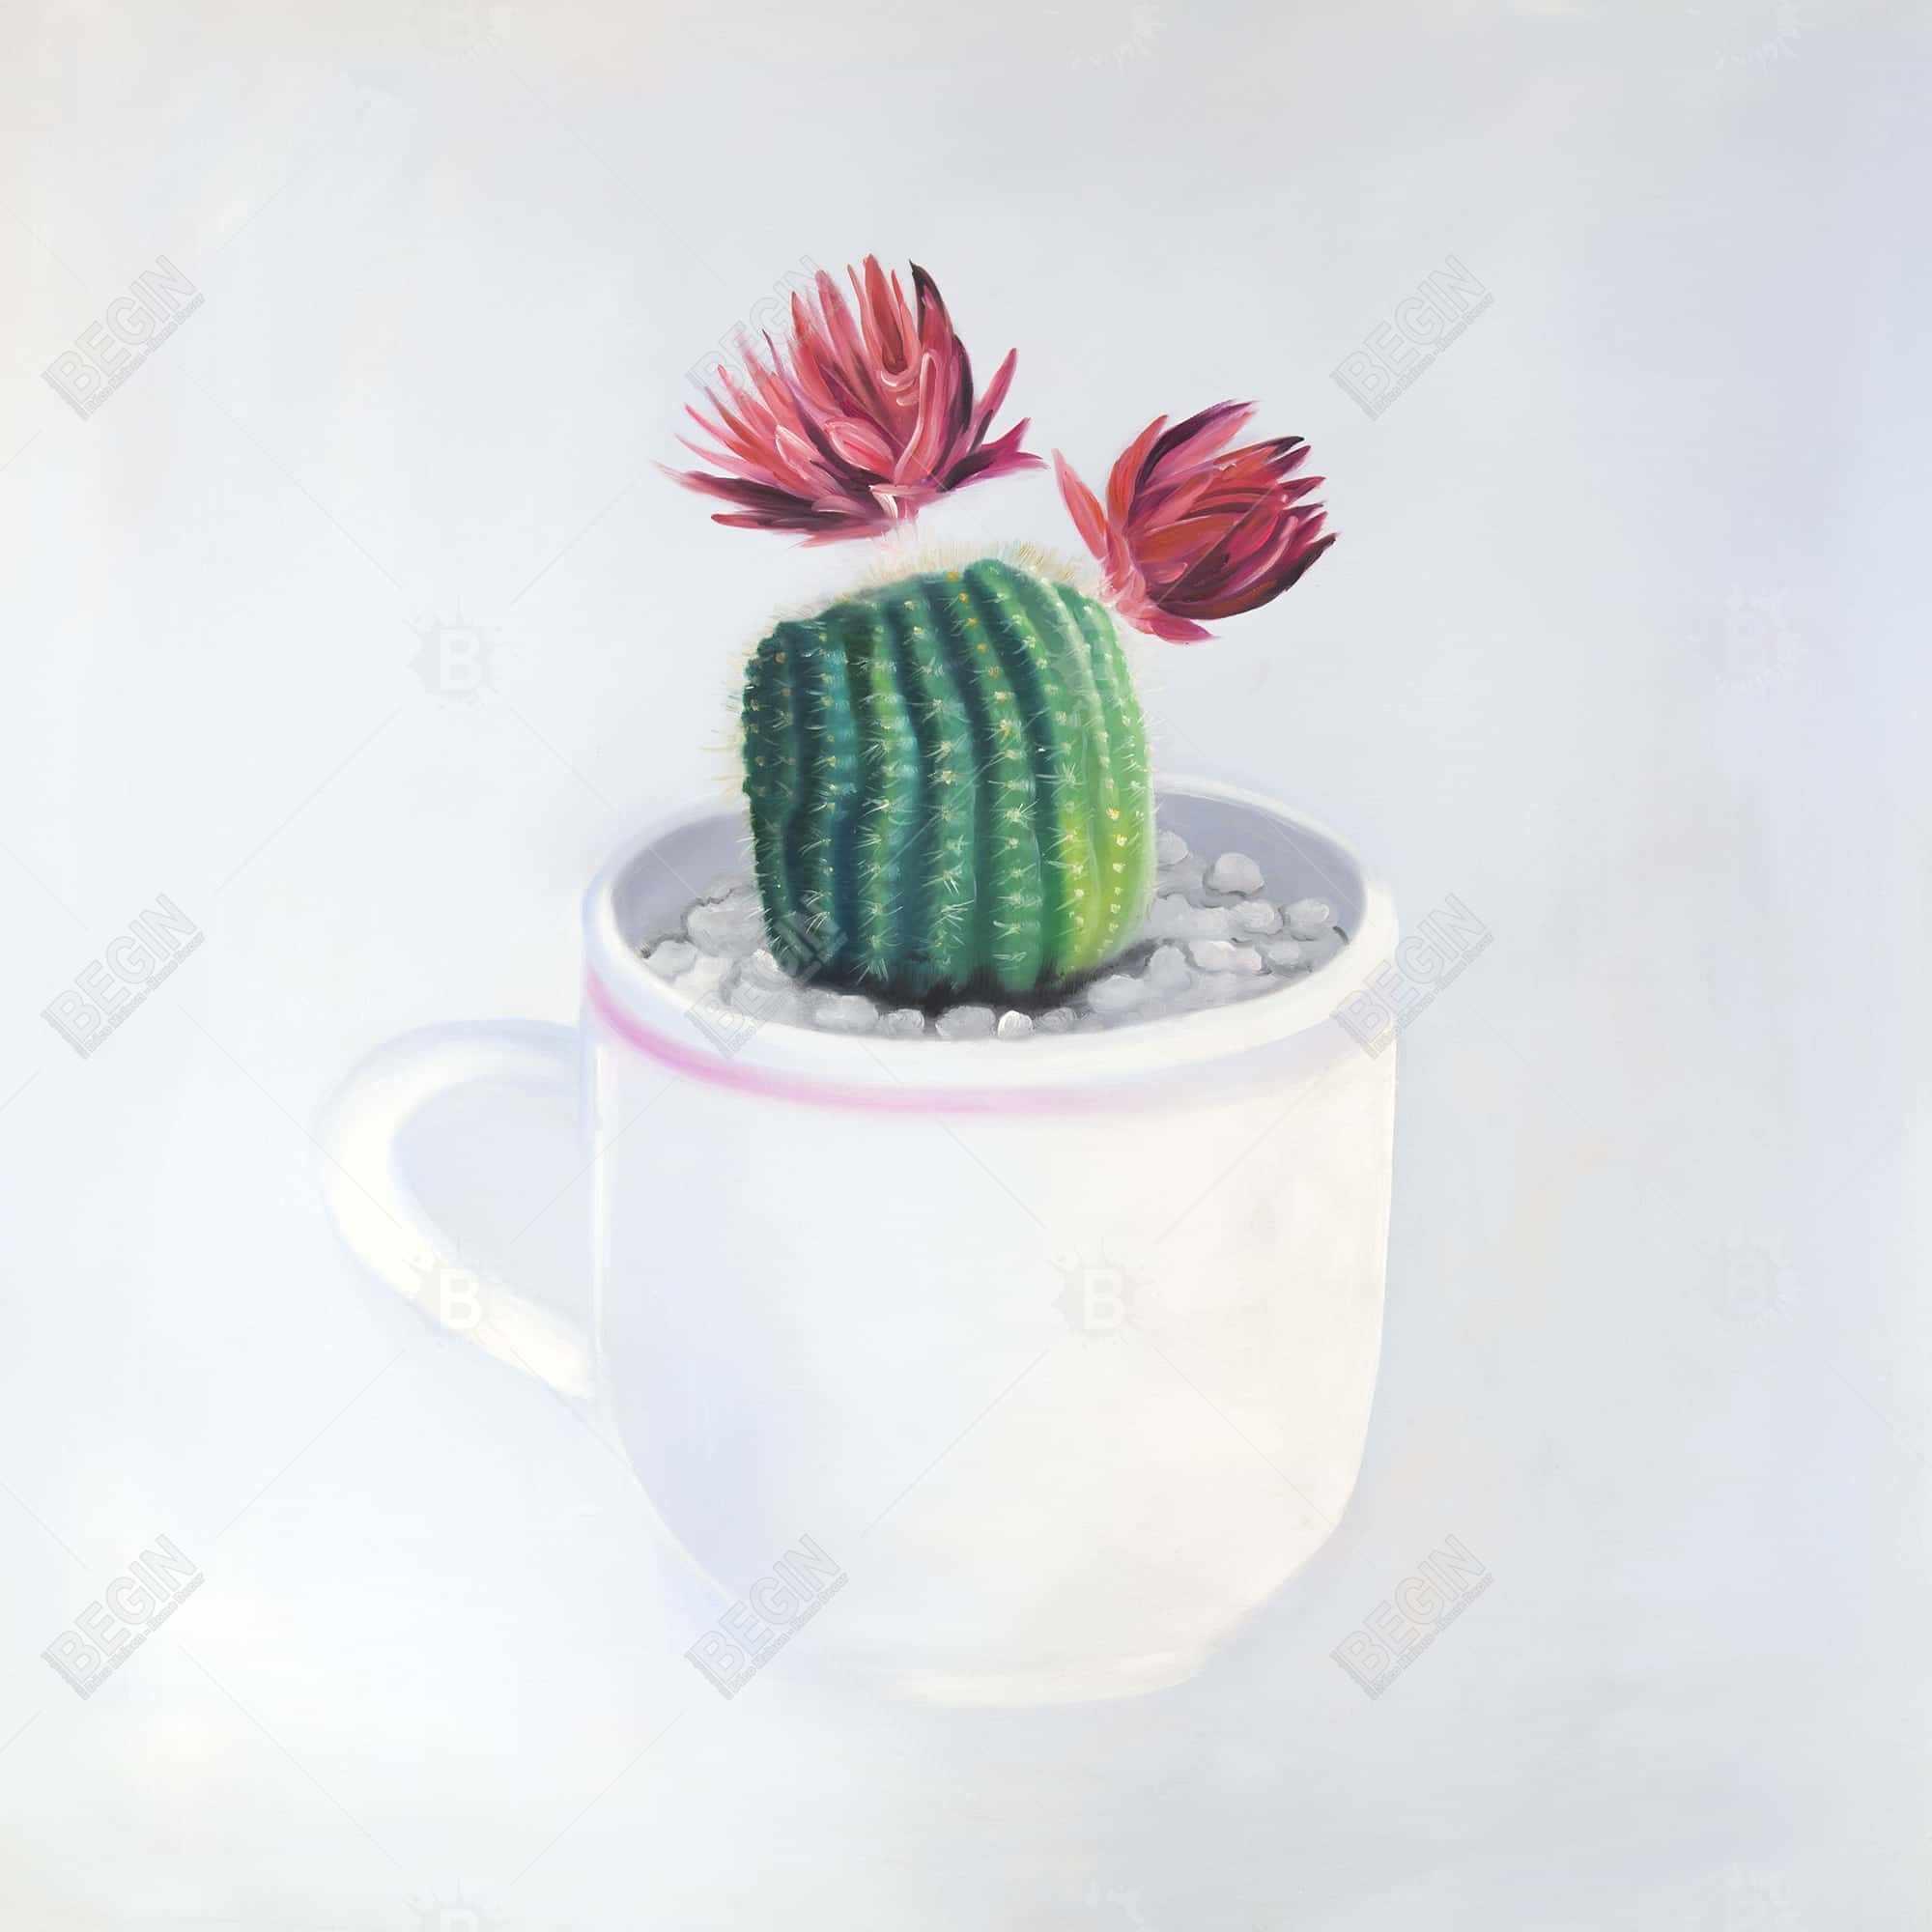 Mini cactus in a cup